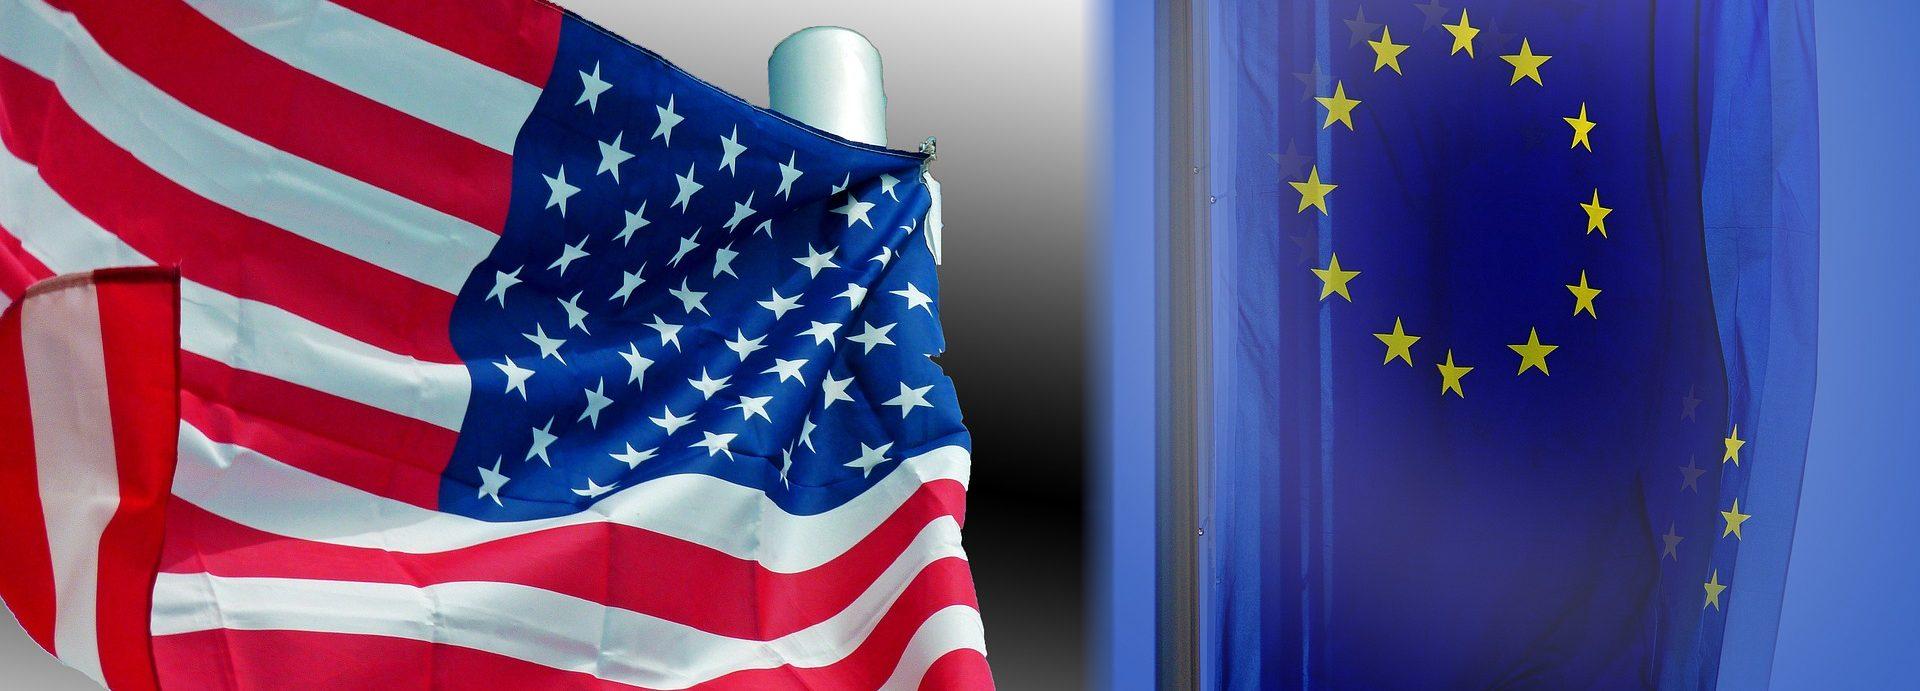 Agosto 2020 – Europa vs Usa -2-